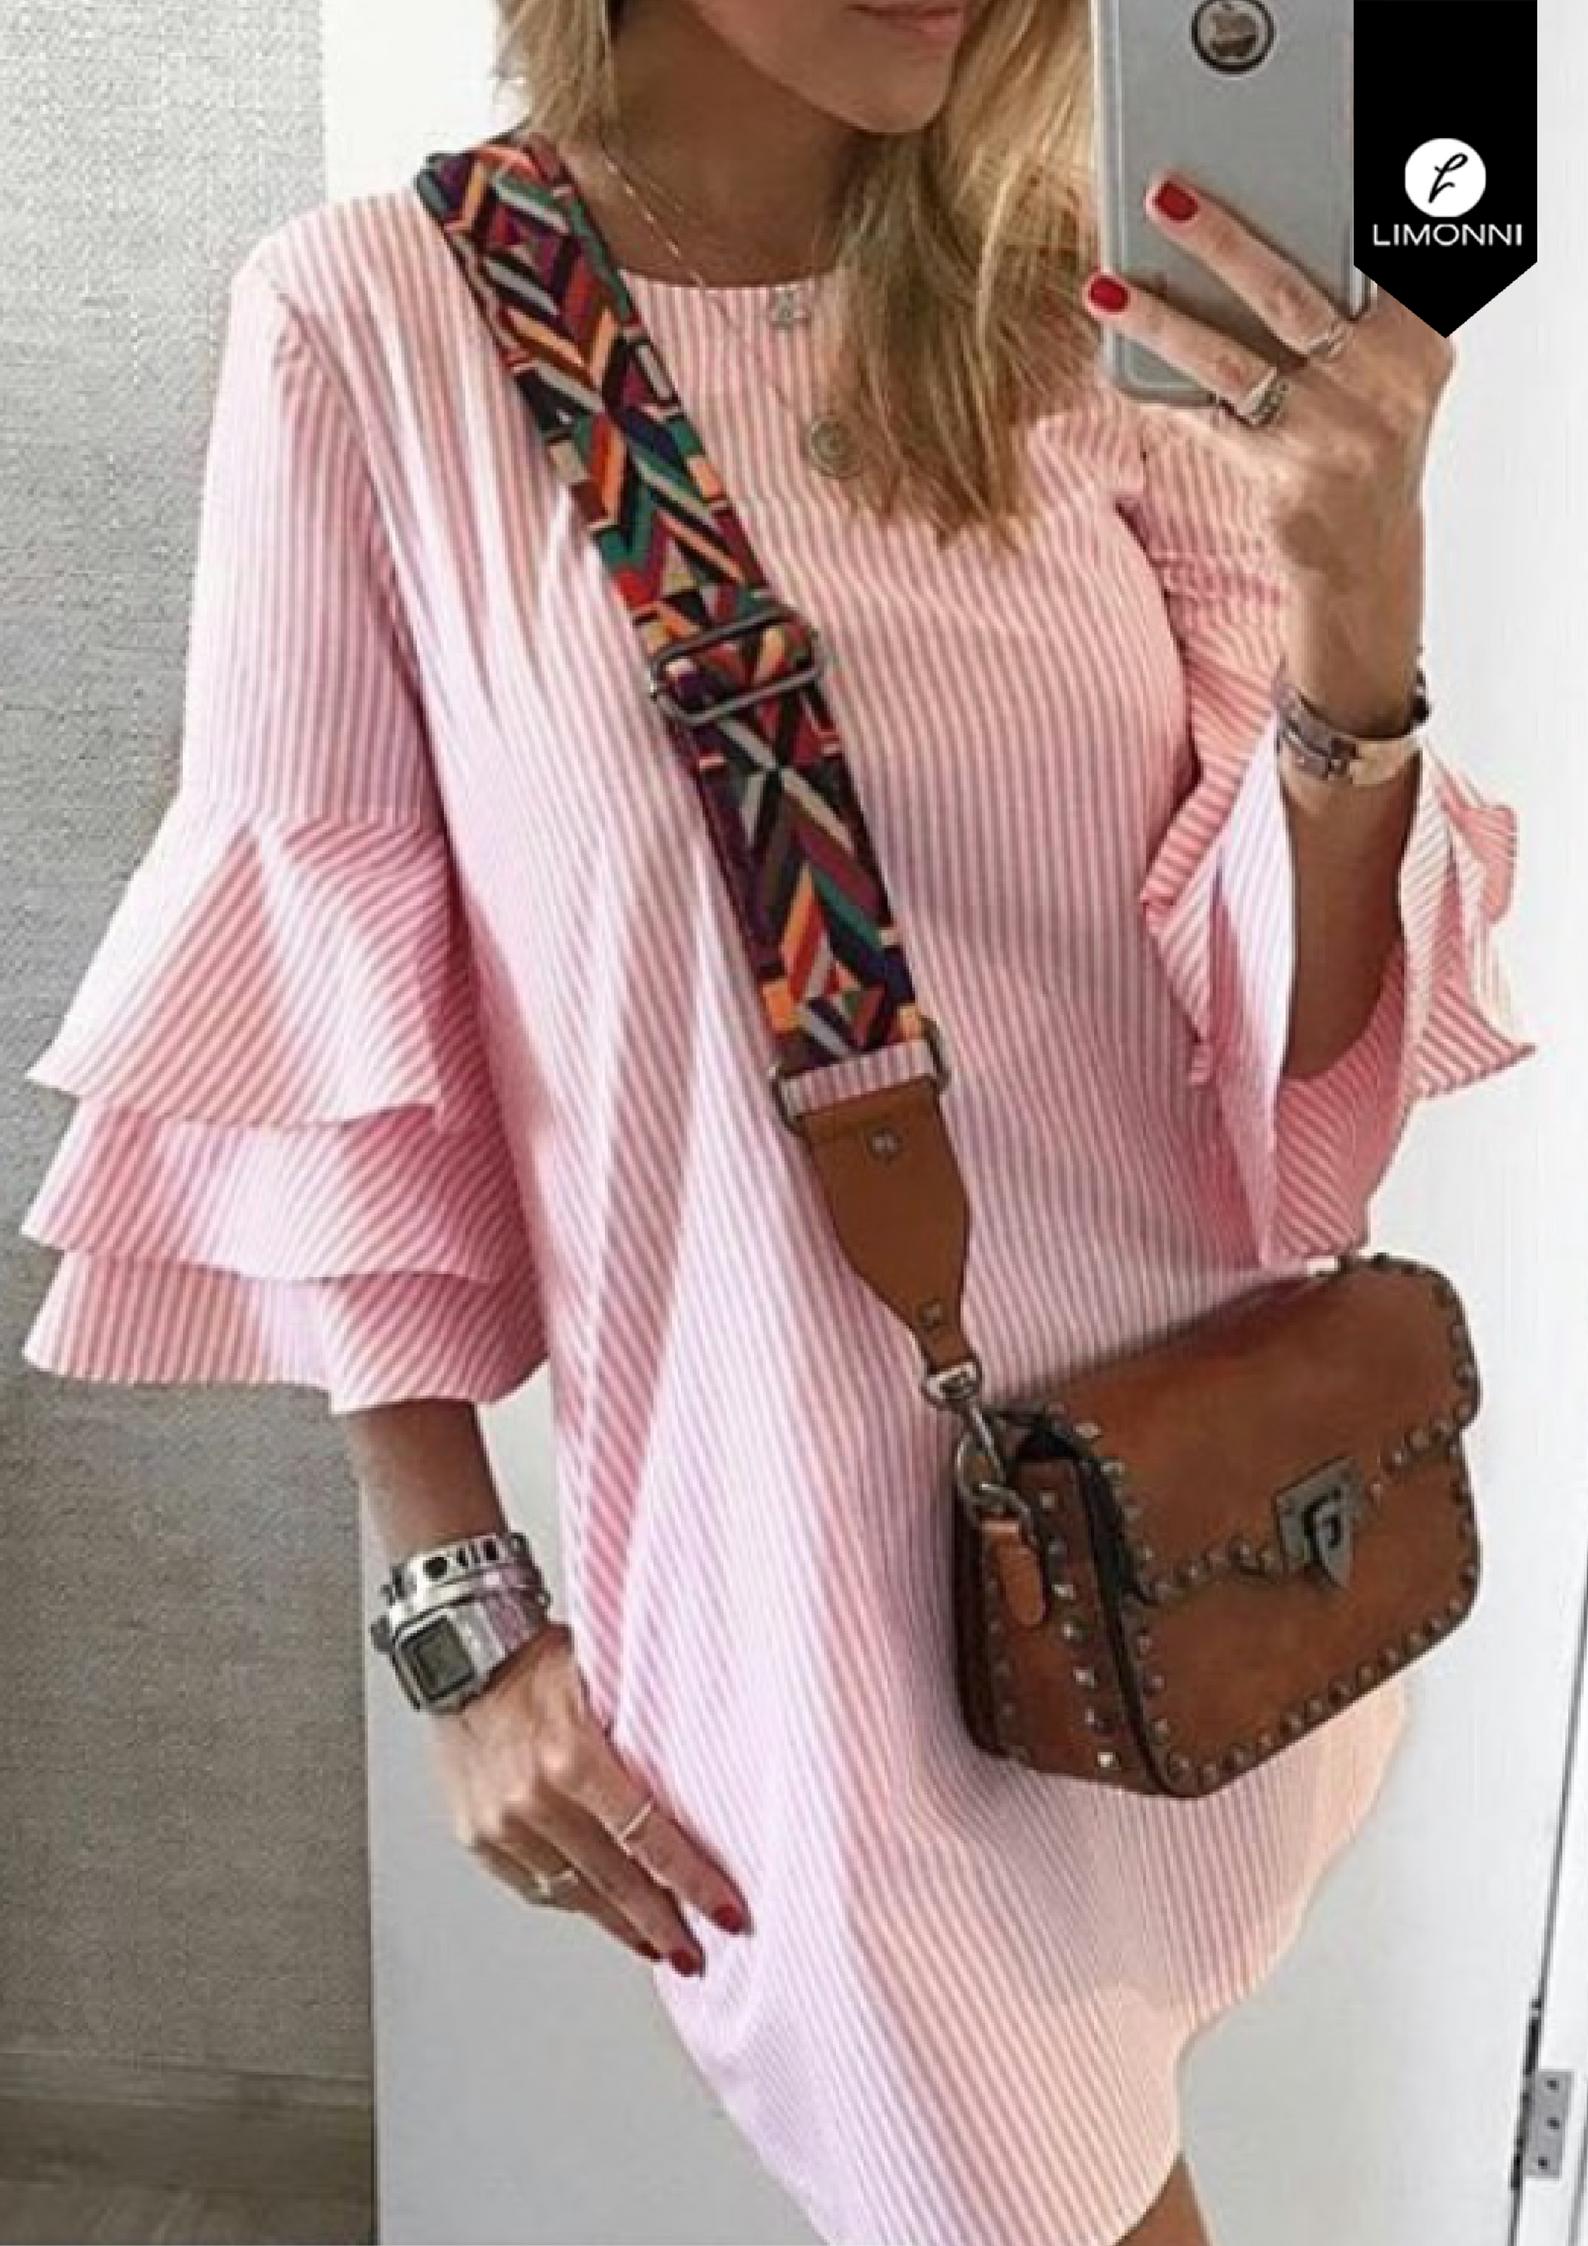 Vestidos para mujer Limonni Novalee LI1561 Cortos Casuales